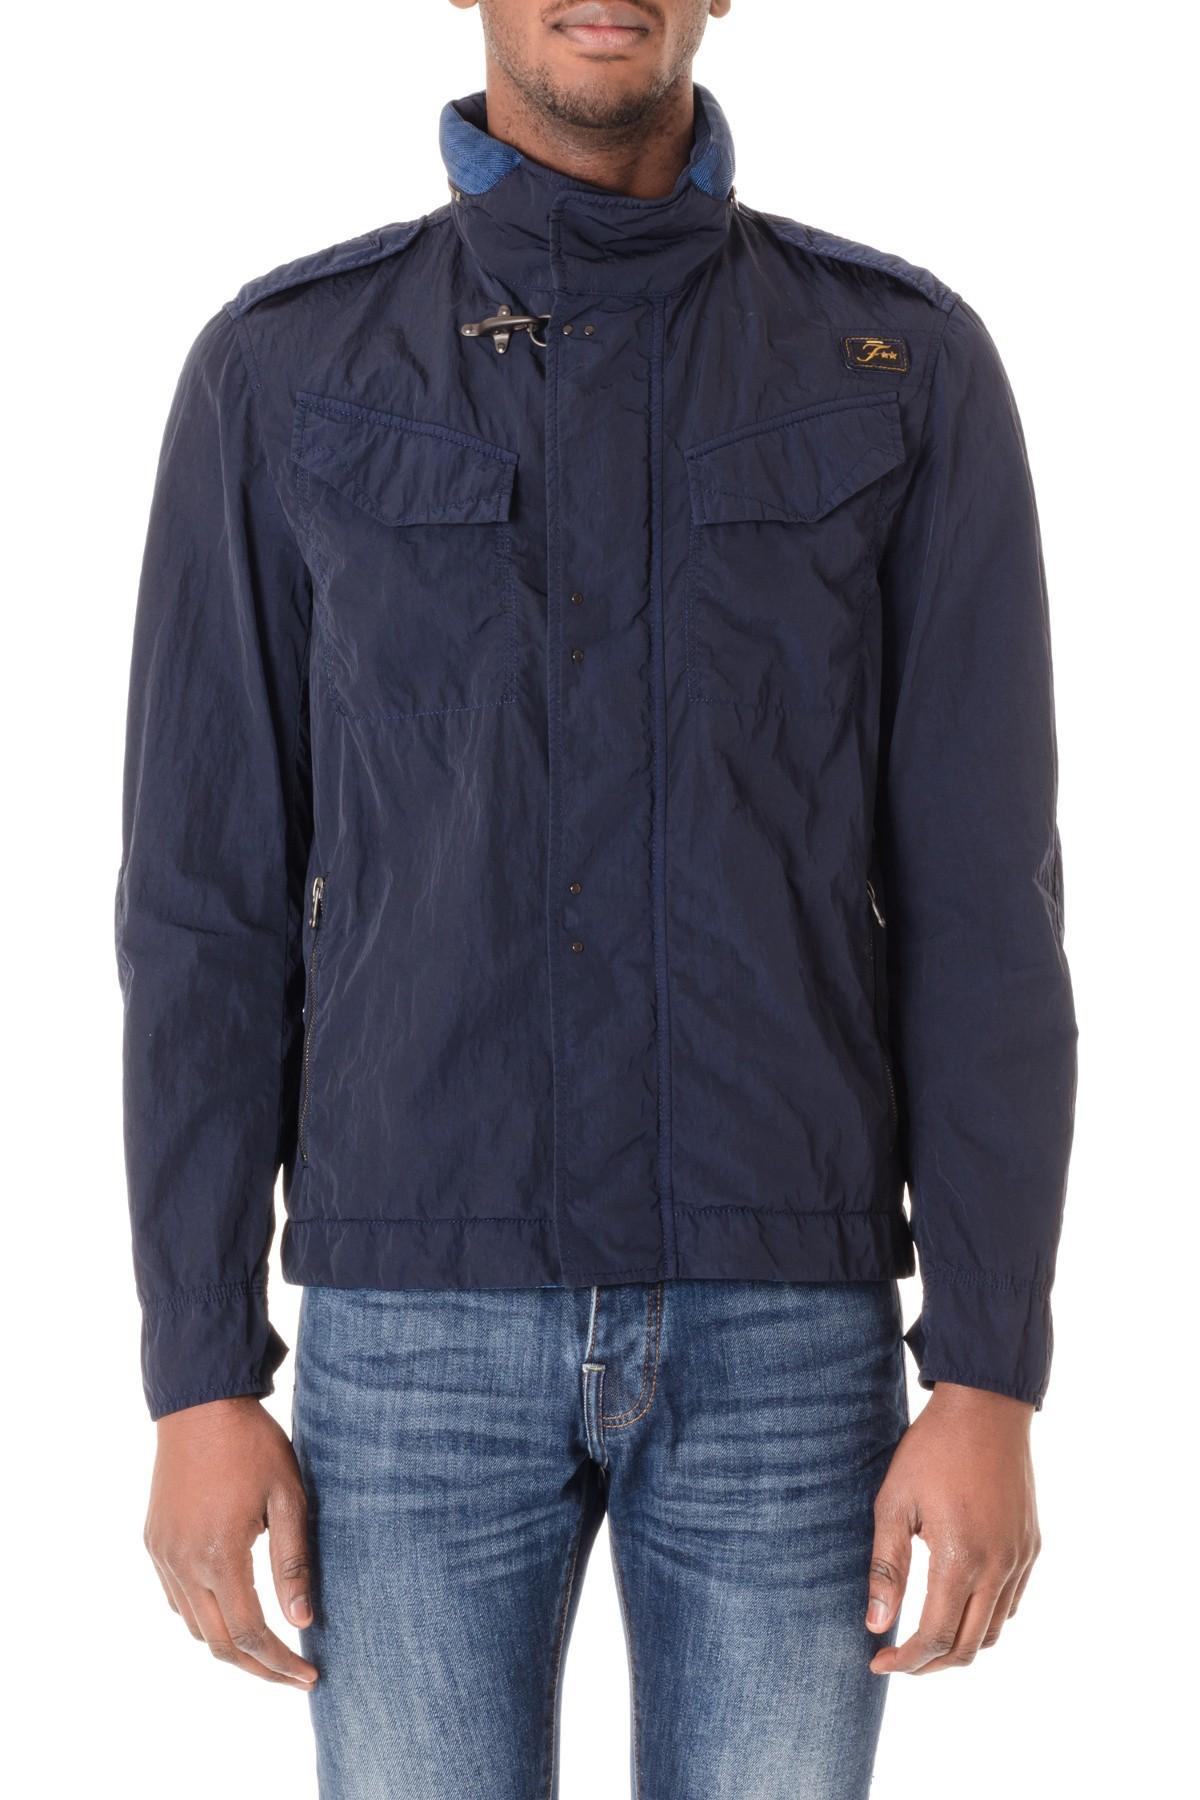 online store 01243 2a882 FAY Giubbotto blu per uomo made in Italy P/E 16